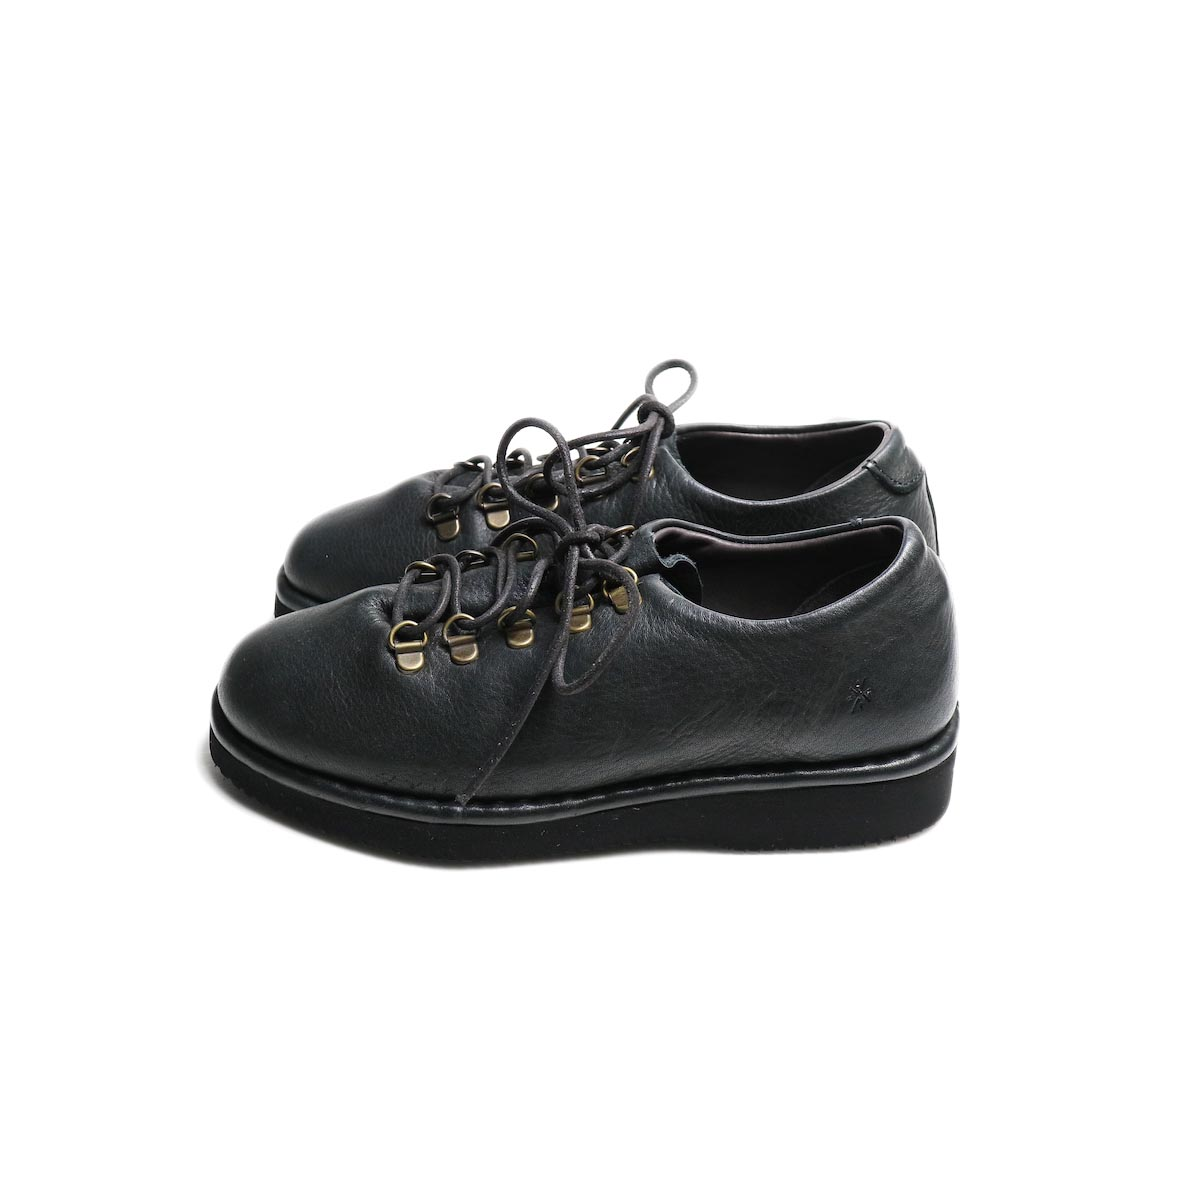 Punto Pigro / SOFT MOUTAIN BOOTS (black) 横